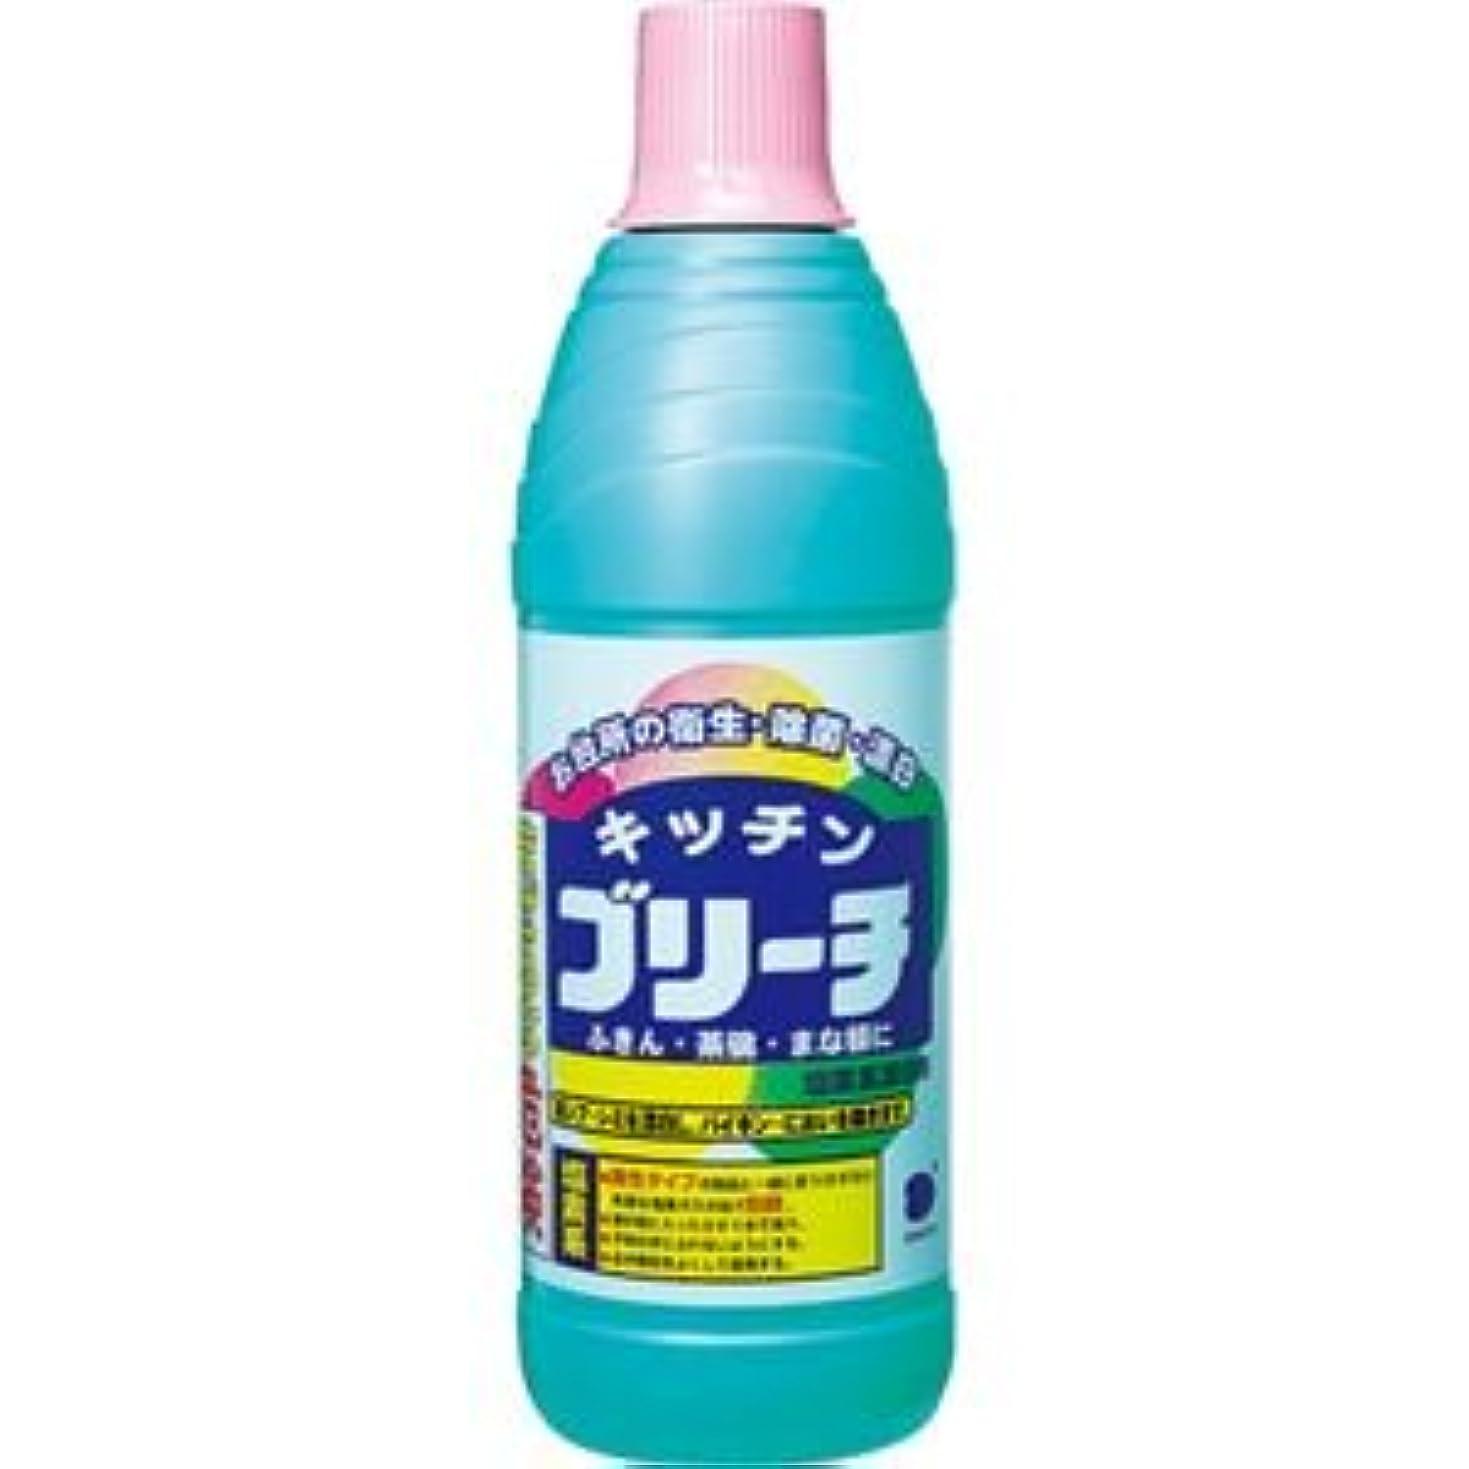 お酒切手満足できる(まとめ) 第一石鹸 キッチンブリーチ 600ml 1本 【×40セット】